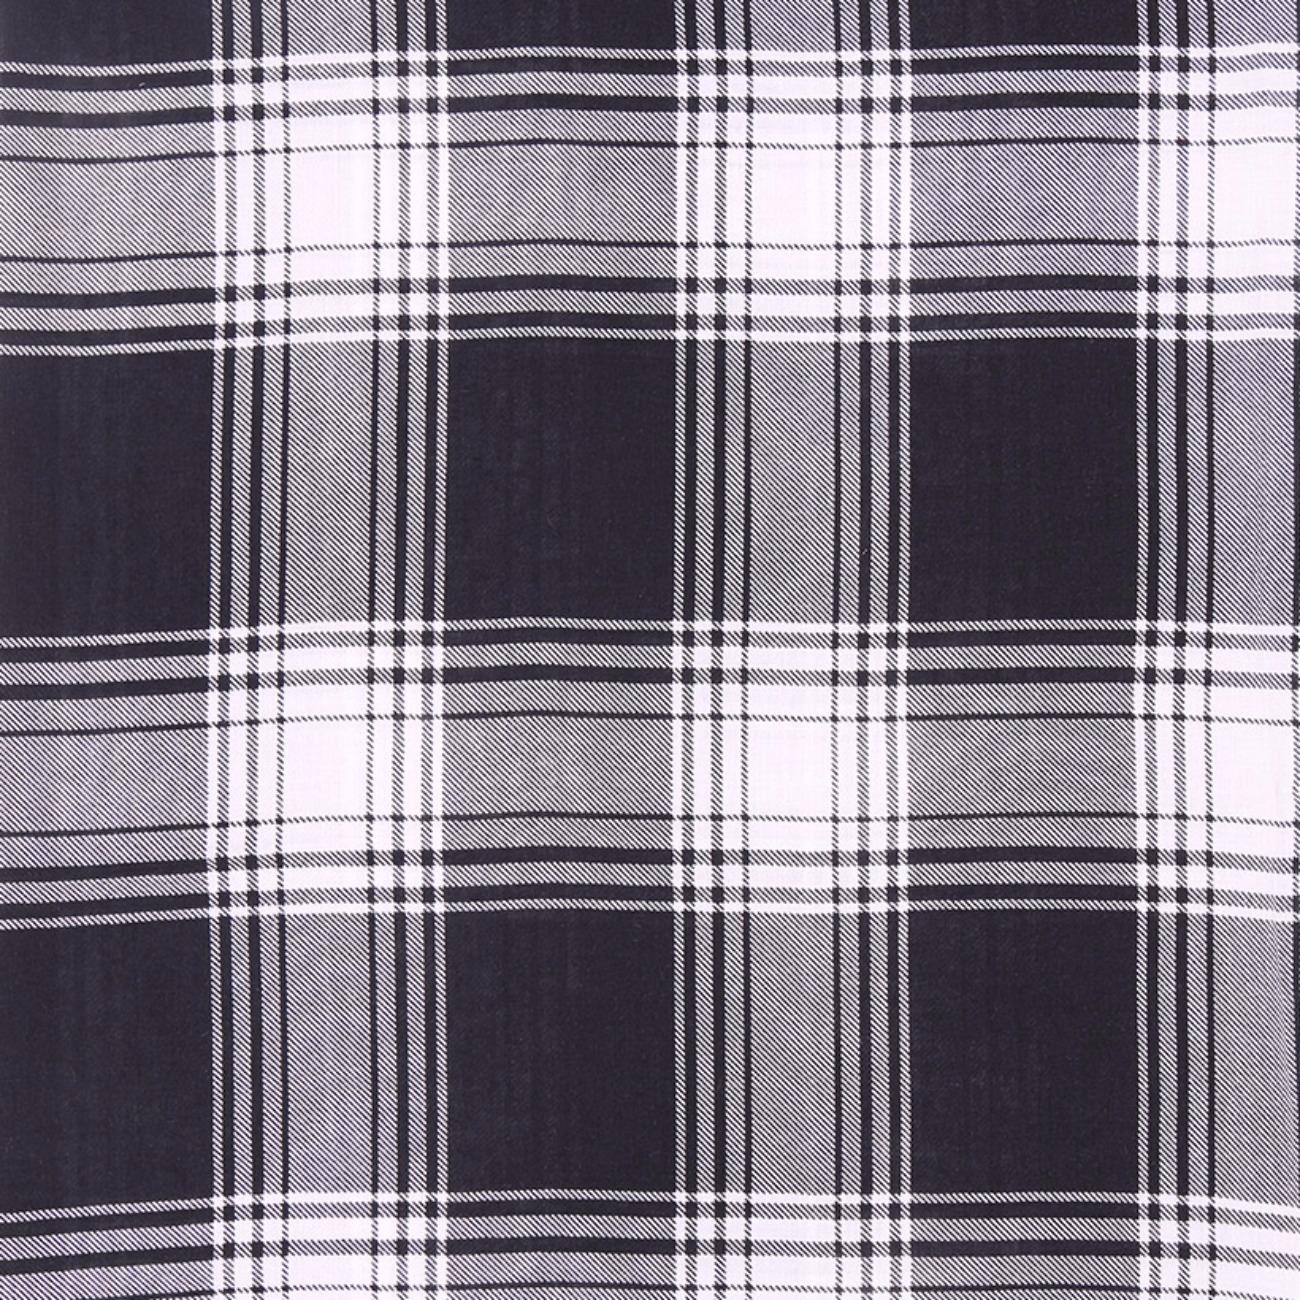 人棉期货格子梭织印花无弹衬衫连衣裙 短裙 薄 棉感 70522-31